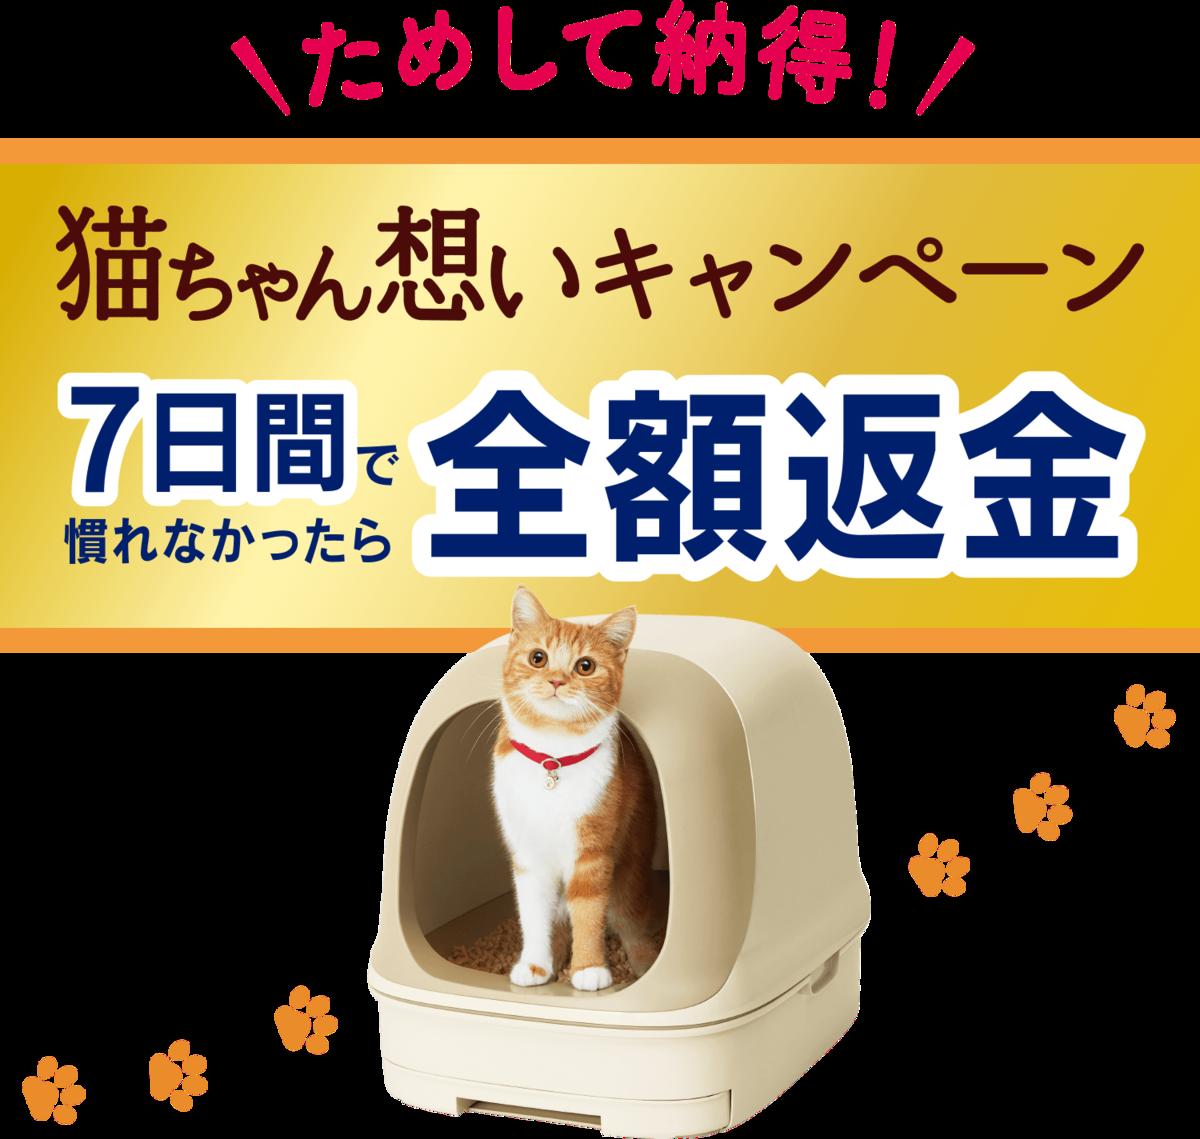 f:id:saikootoko:20200309183831p:plain